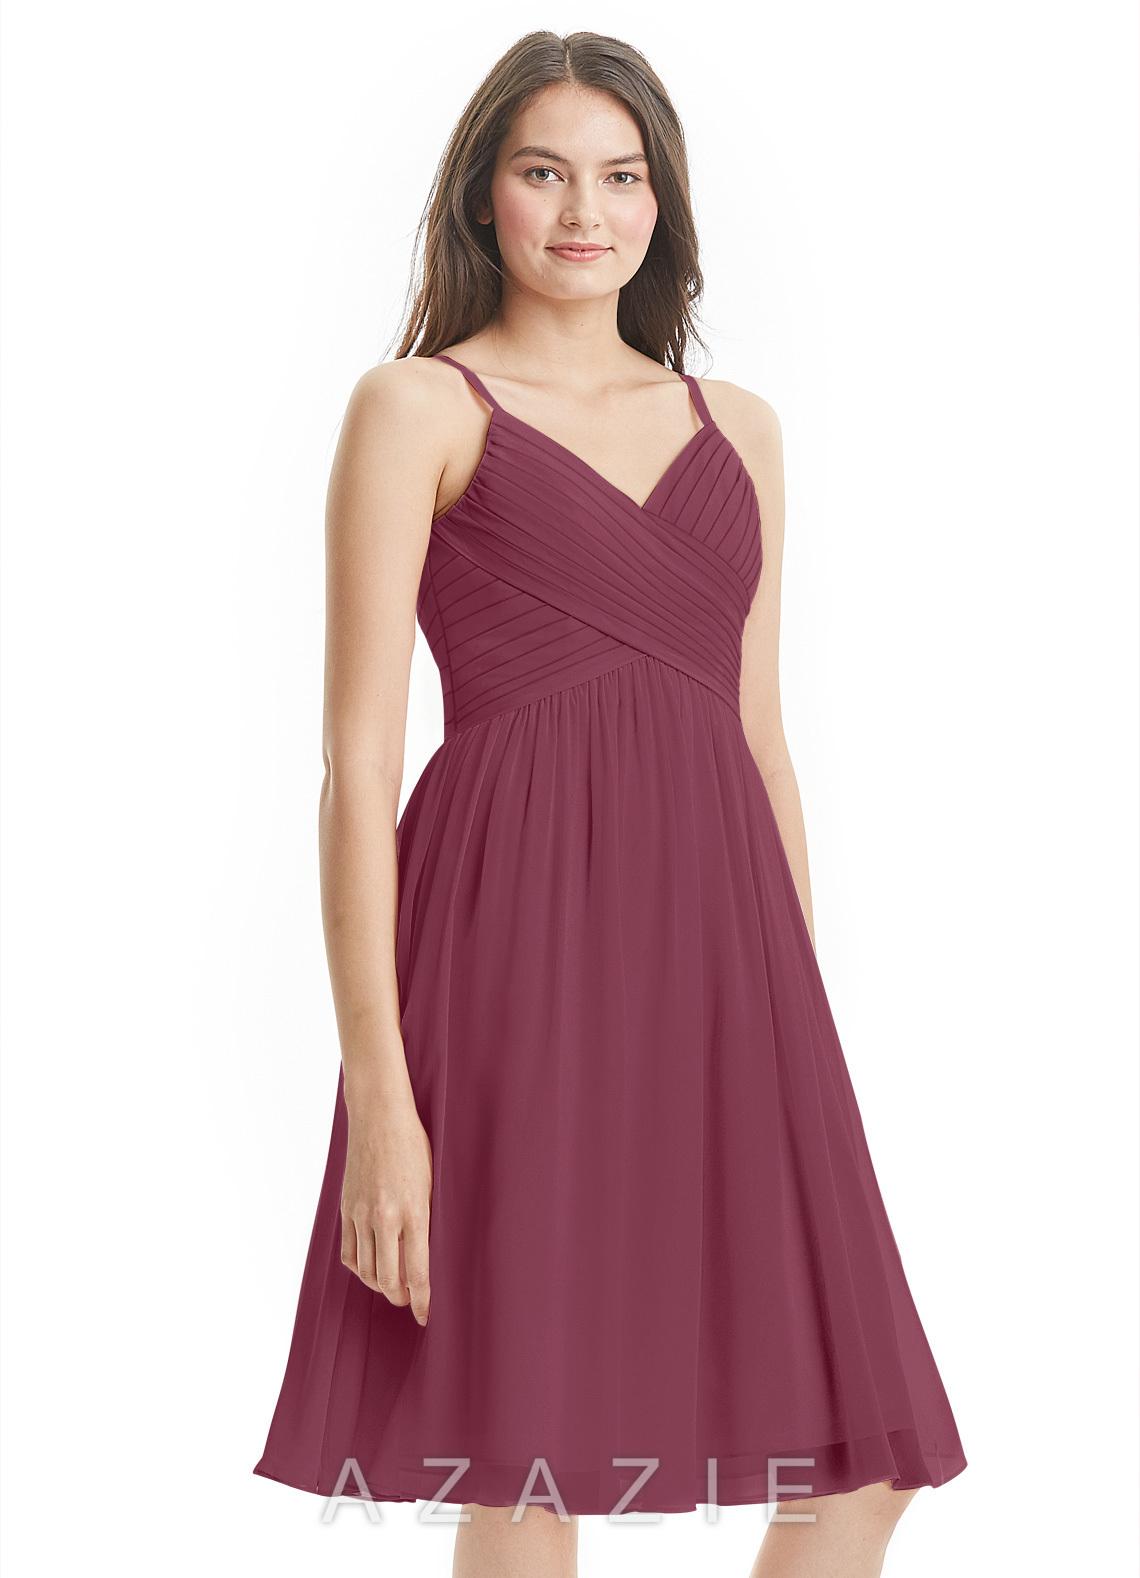 2f457c1e367 Azazie Sonia Bridesmaid Dresses